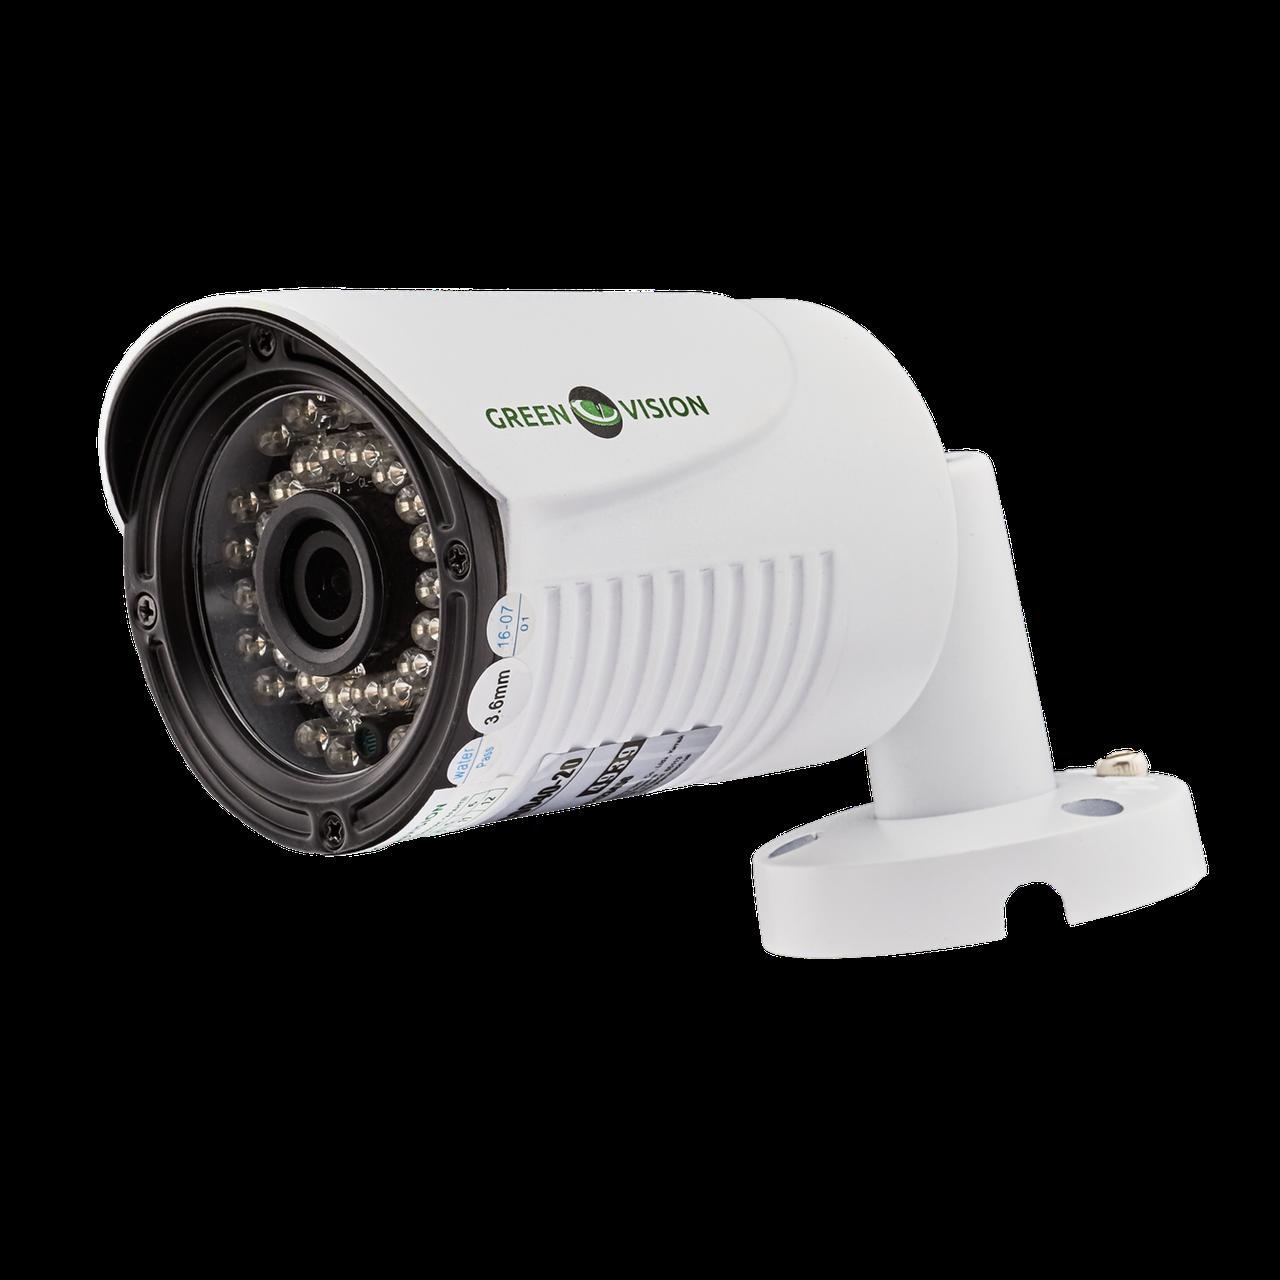 Наружная IP камера  GV-061-IP-G-COO40-20 ТМ GreenVision